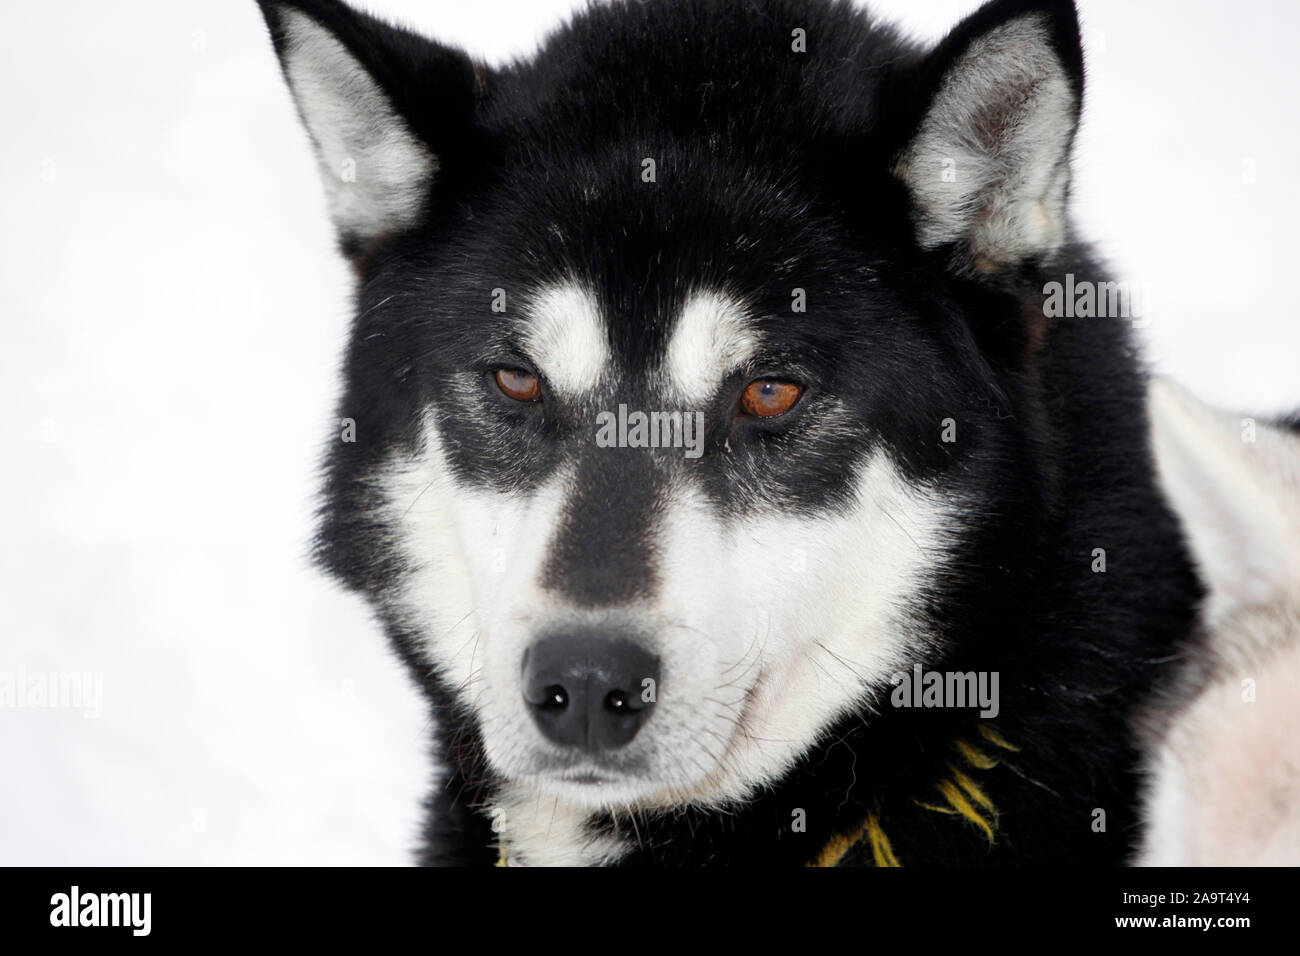 Portrait eines schwarzen Huskys mit braunen Augen, Schlittenhund während der Ruhepause, Laponia, Finnland Foto de stock